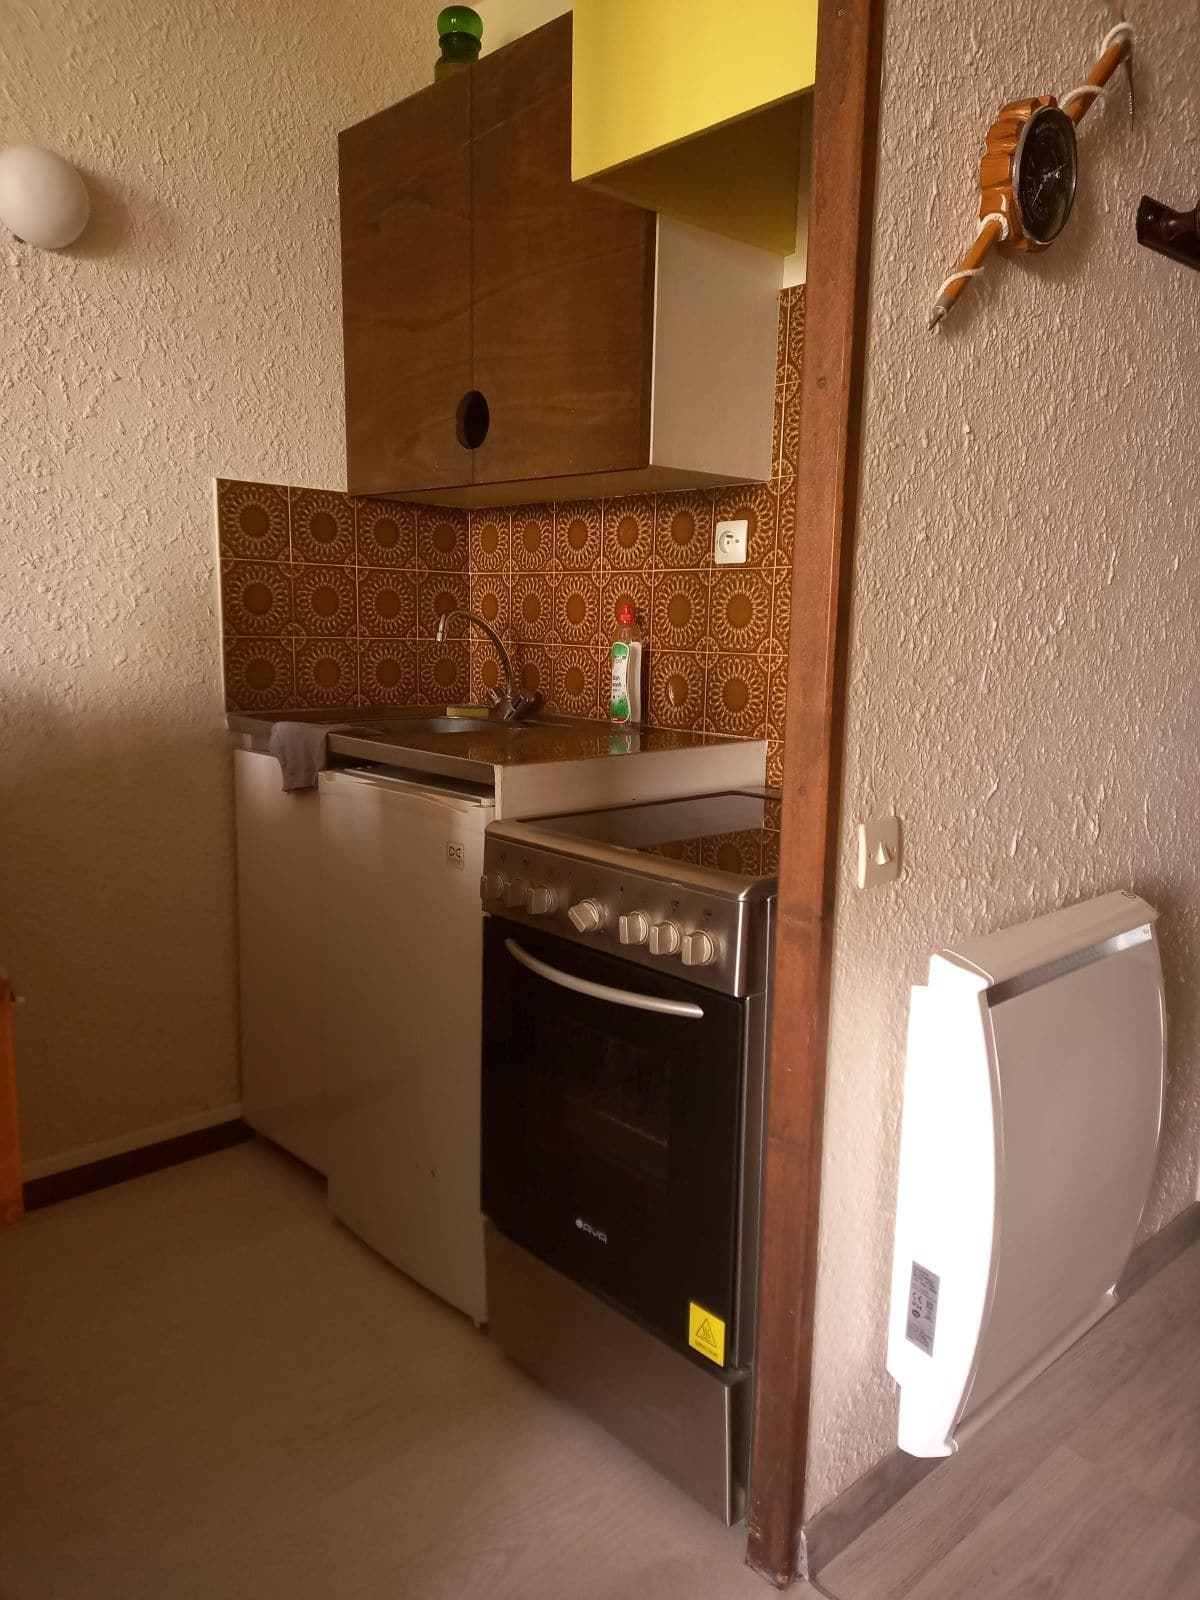 20210621 152551 - ANCELLE STUDIO DE 27 m² ( 5 COUCHAGES) AVEC BALCON